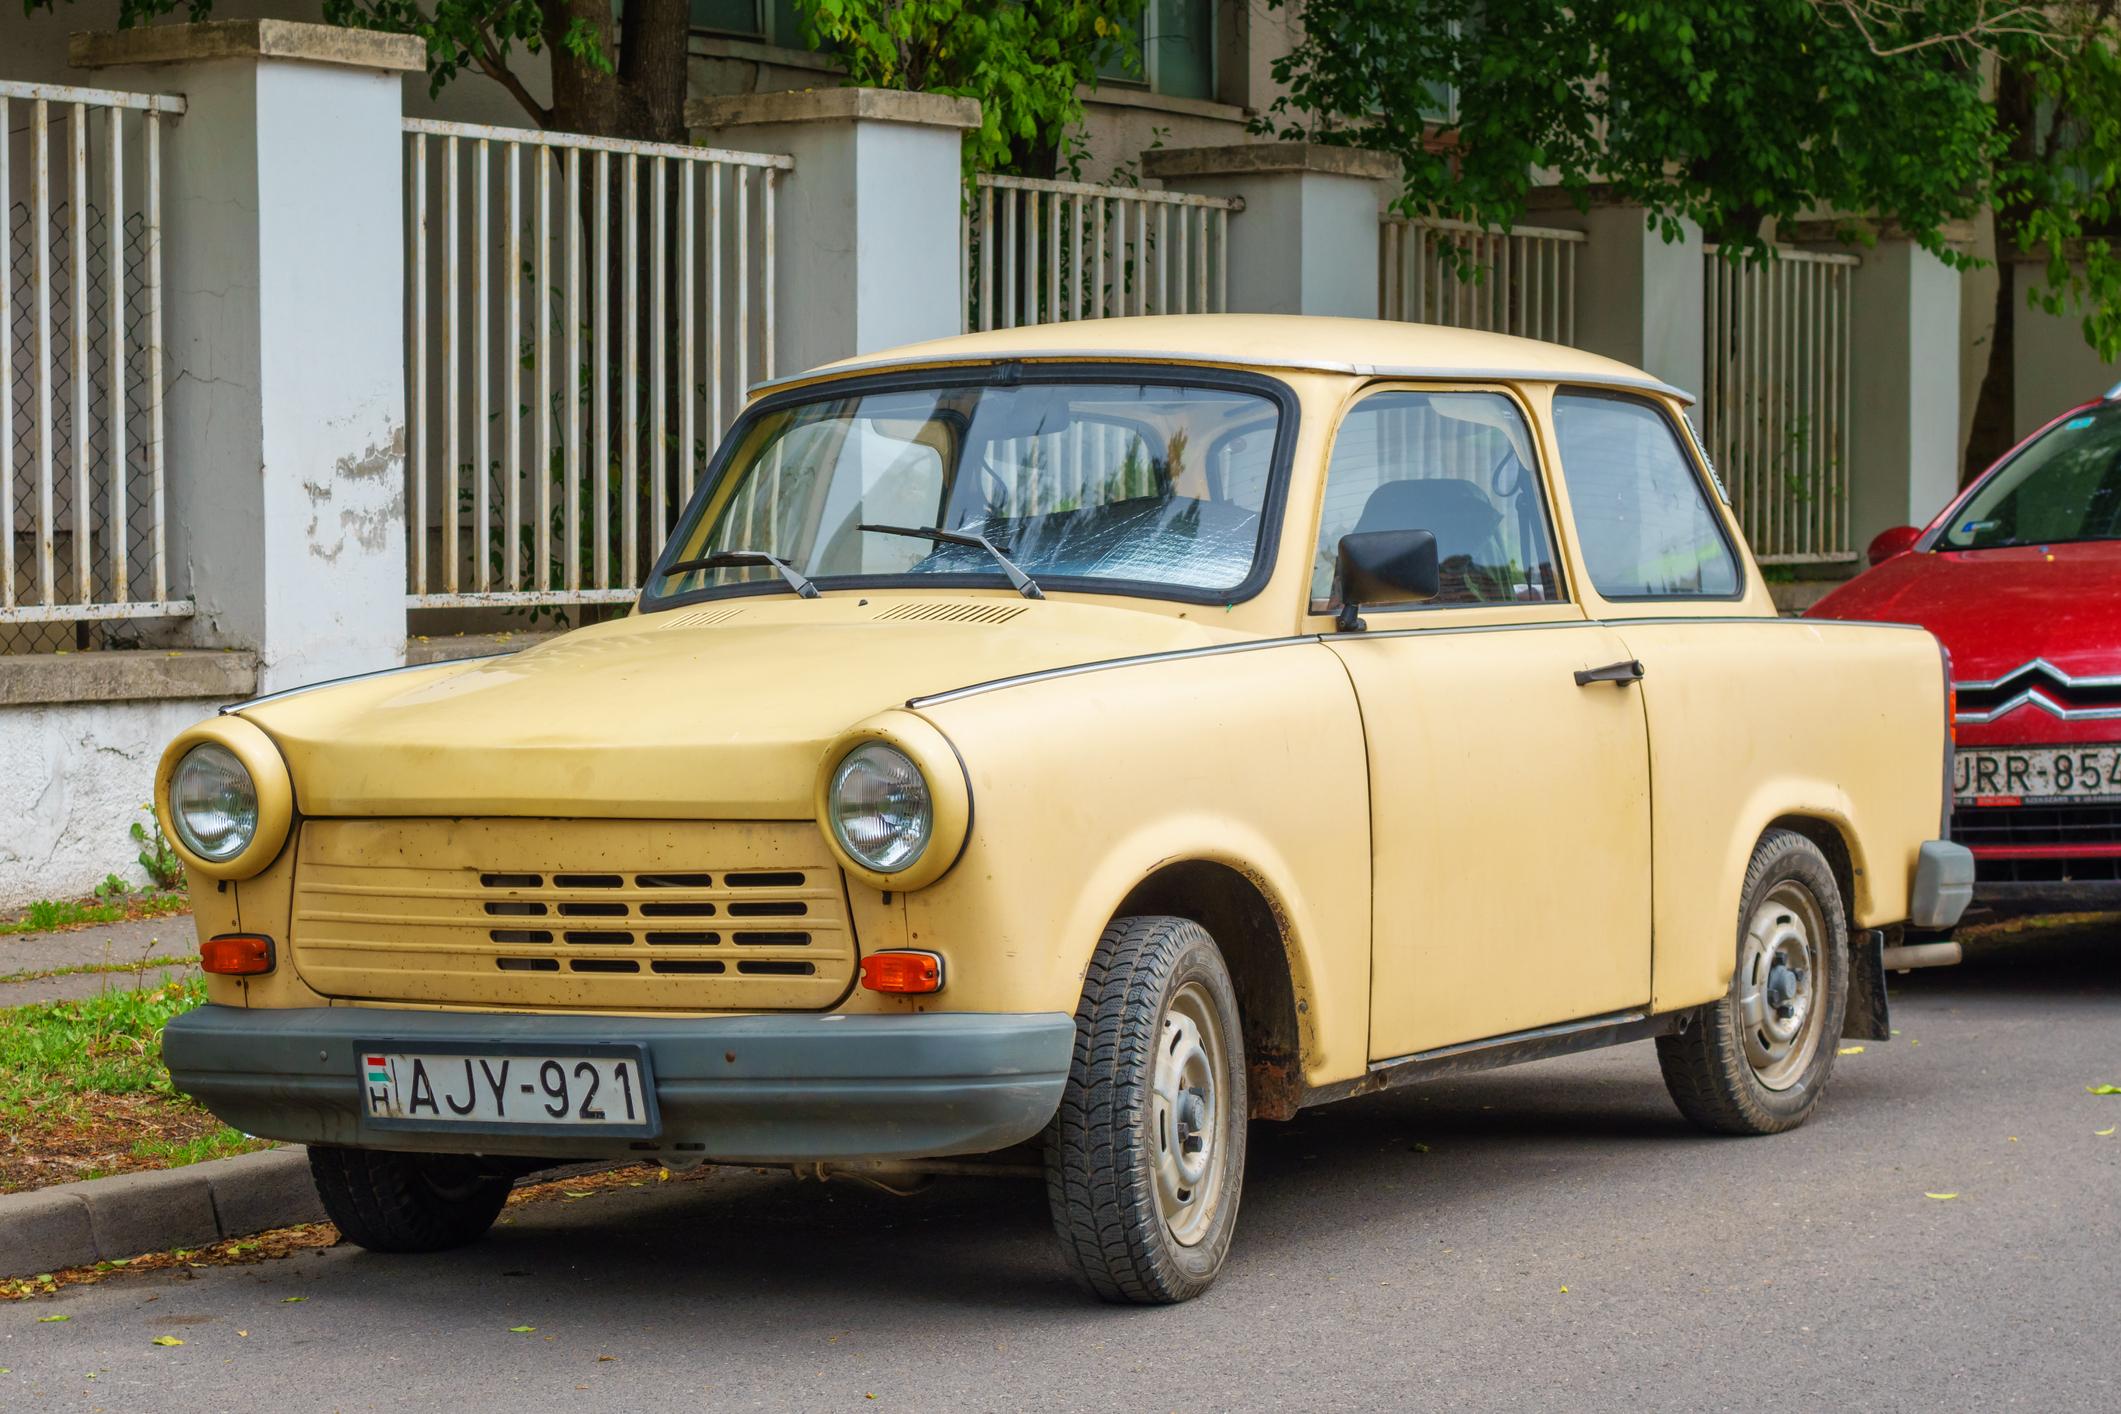 Milyen autó szerepel a képen?